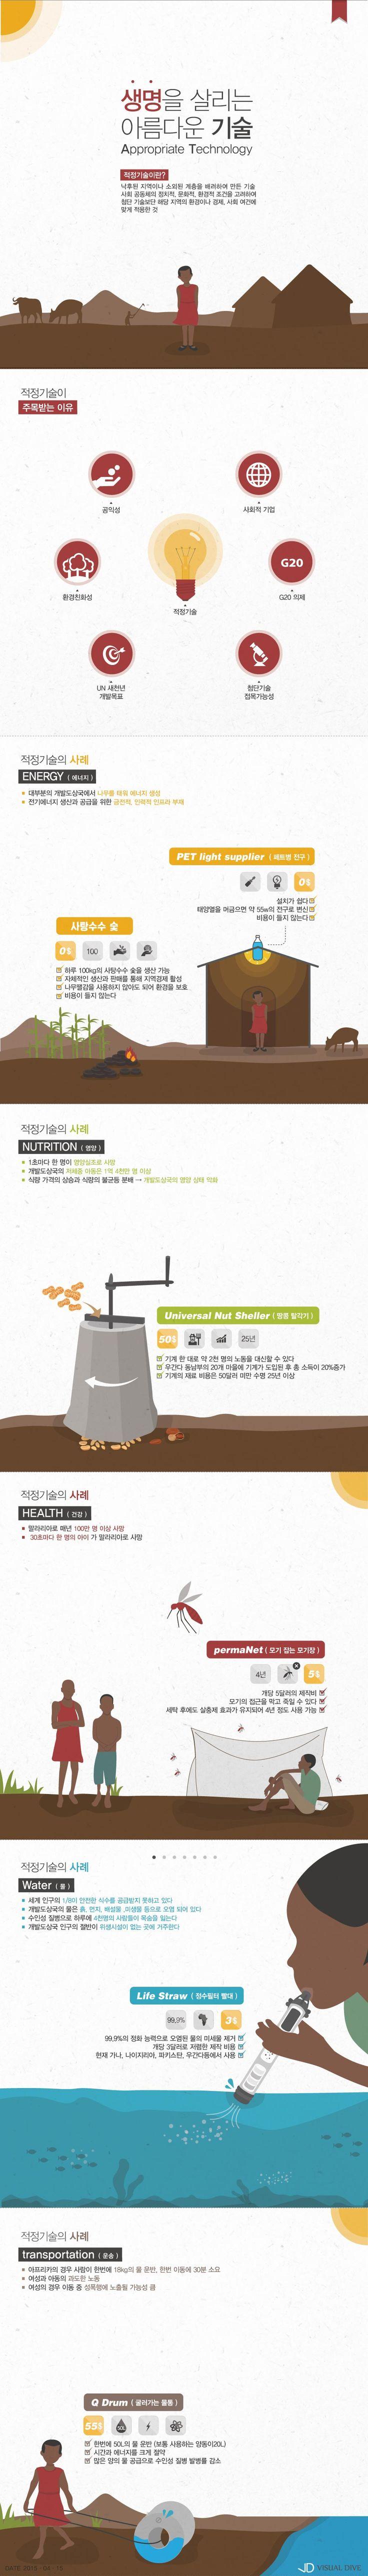 소외된 이들을 위한 착한 기술, 뭐가 있을까? [인포그래픽] #Appropriate Technology / #Infographic ⓒ 비주얼다이브 무단 복사·전재·재배포 금지